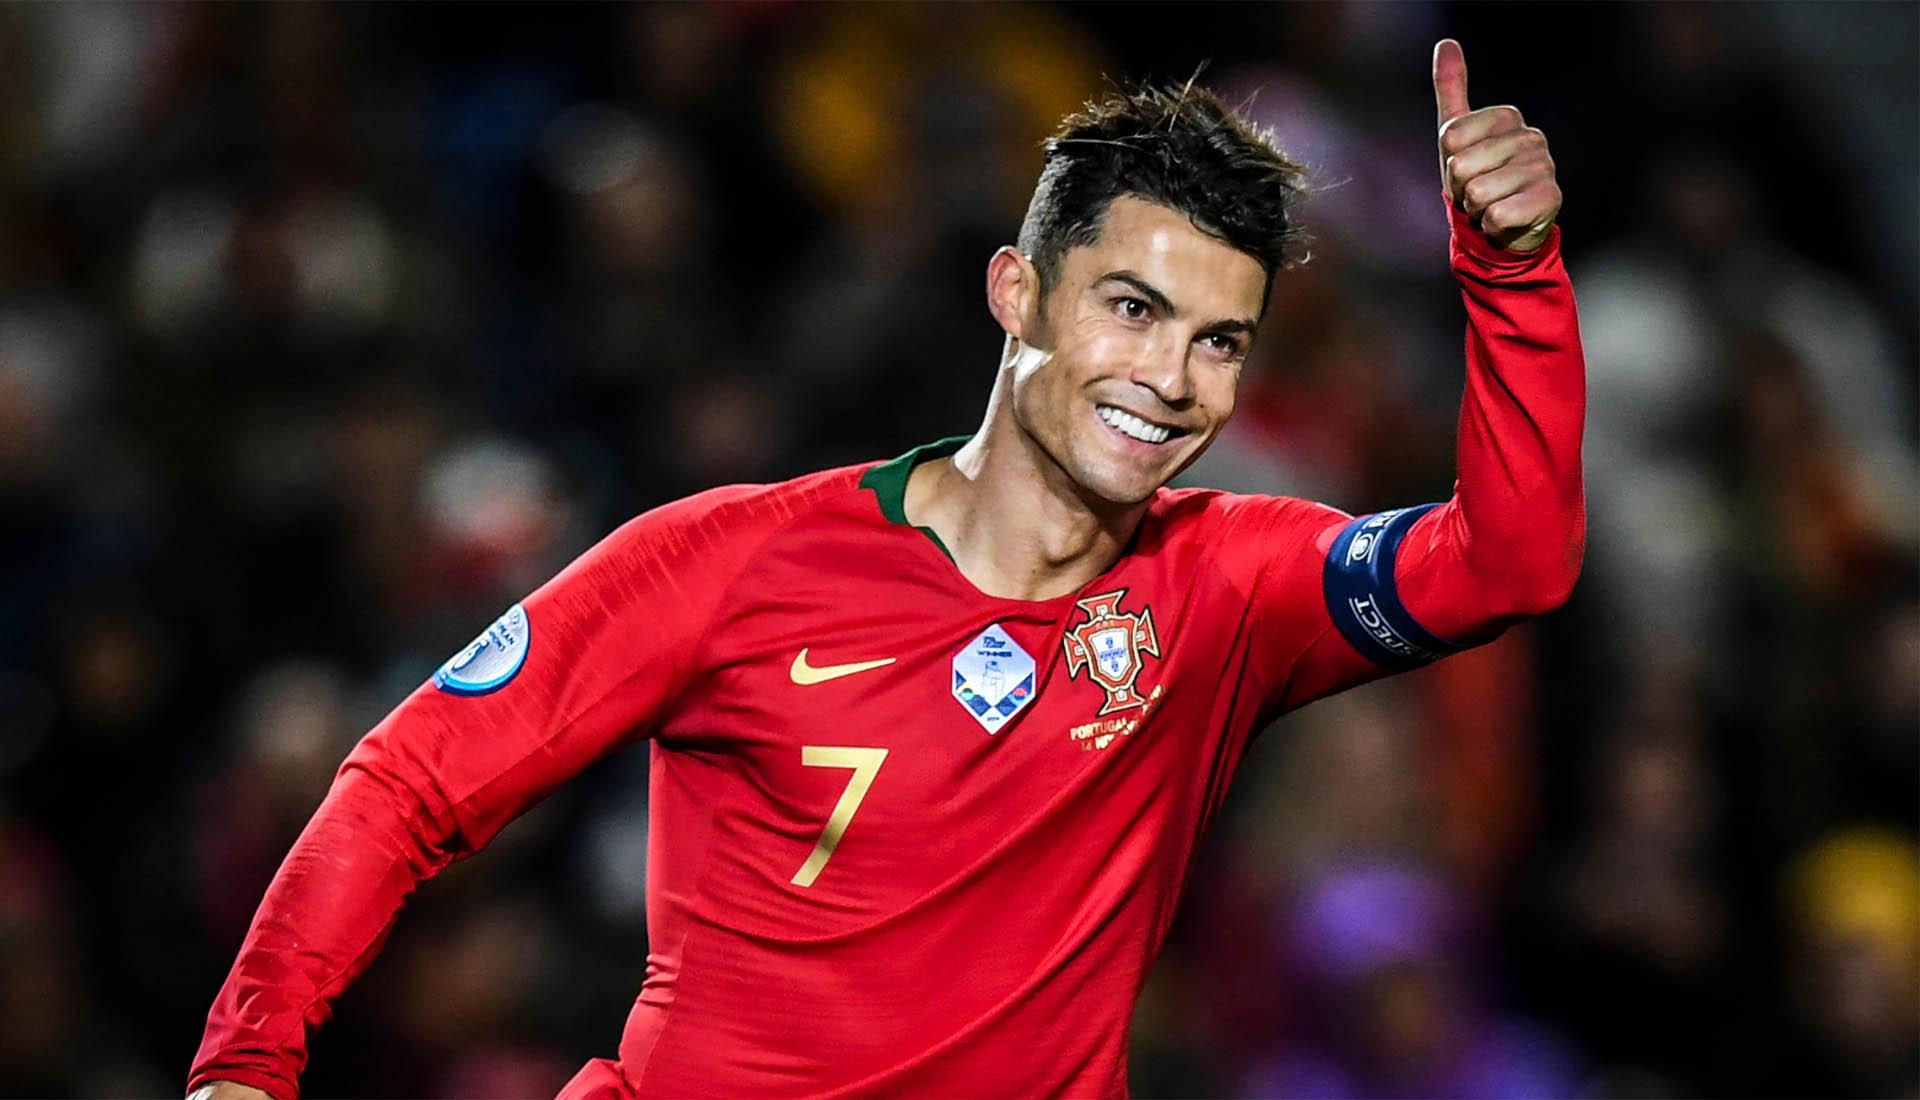 Cristiano Ronaldo lọt vào top 10 cầu thủ vĩ đại nhất thế giới tính đến 2020